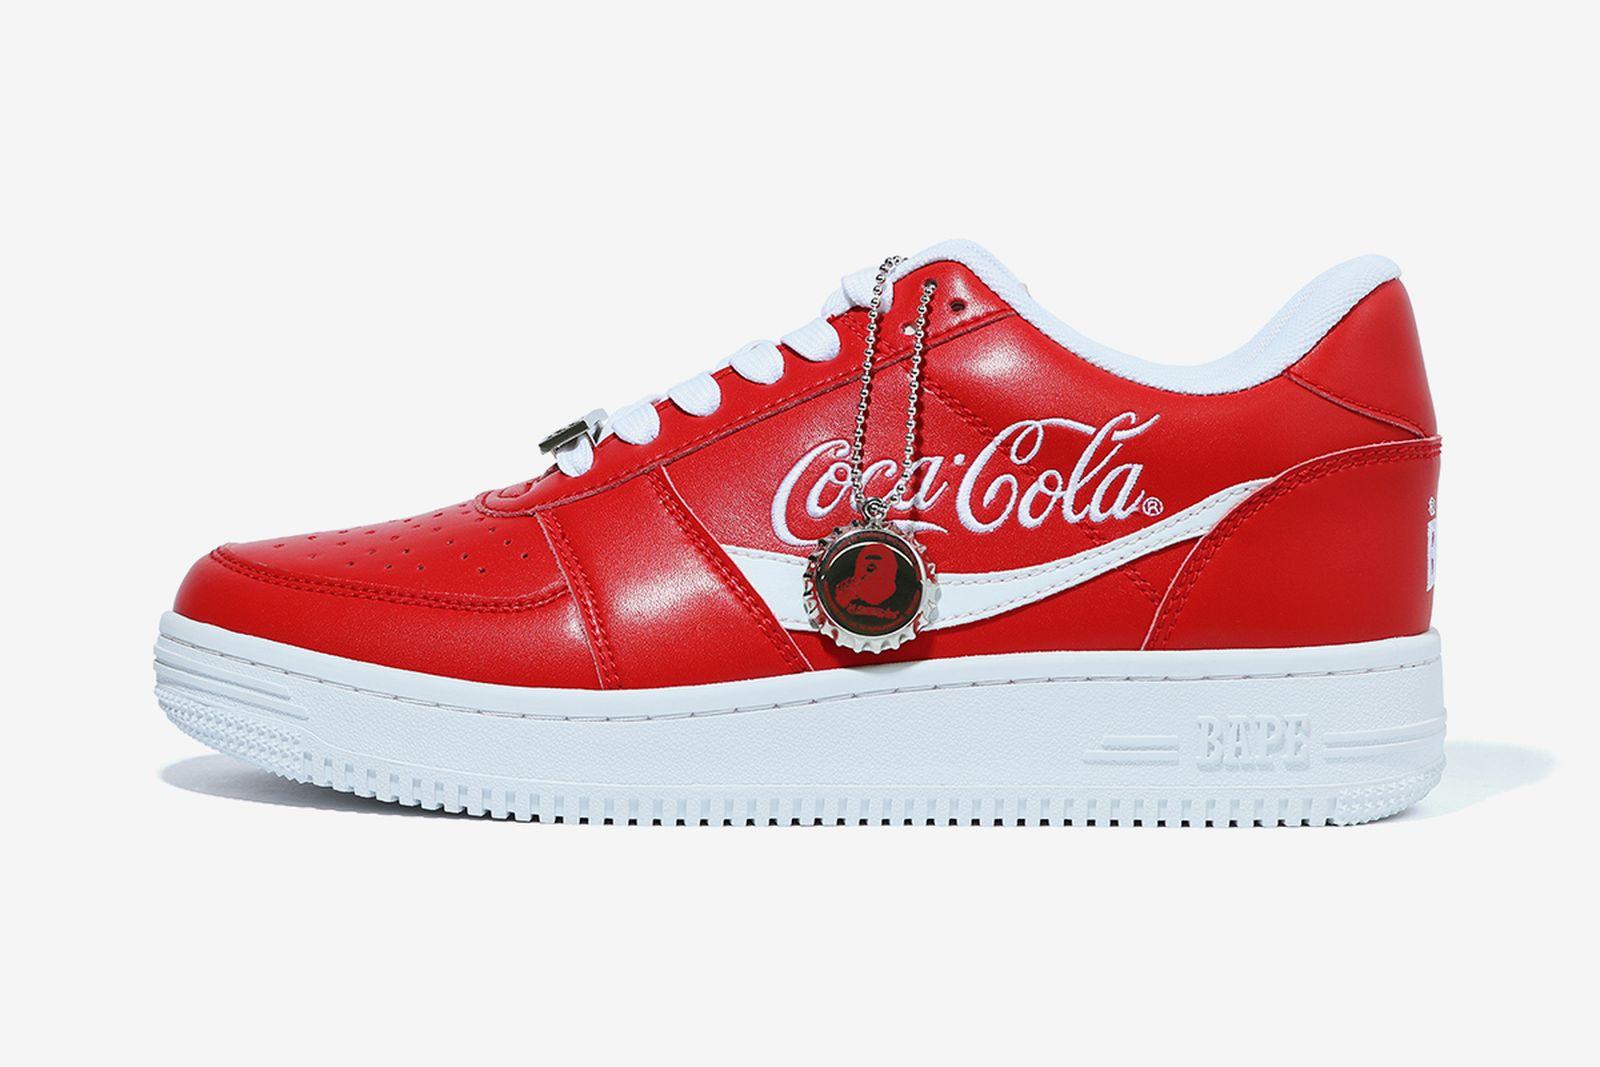 bapesta coca-cola red product shot